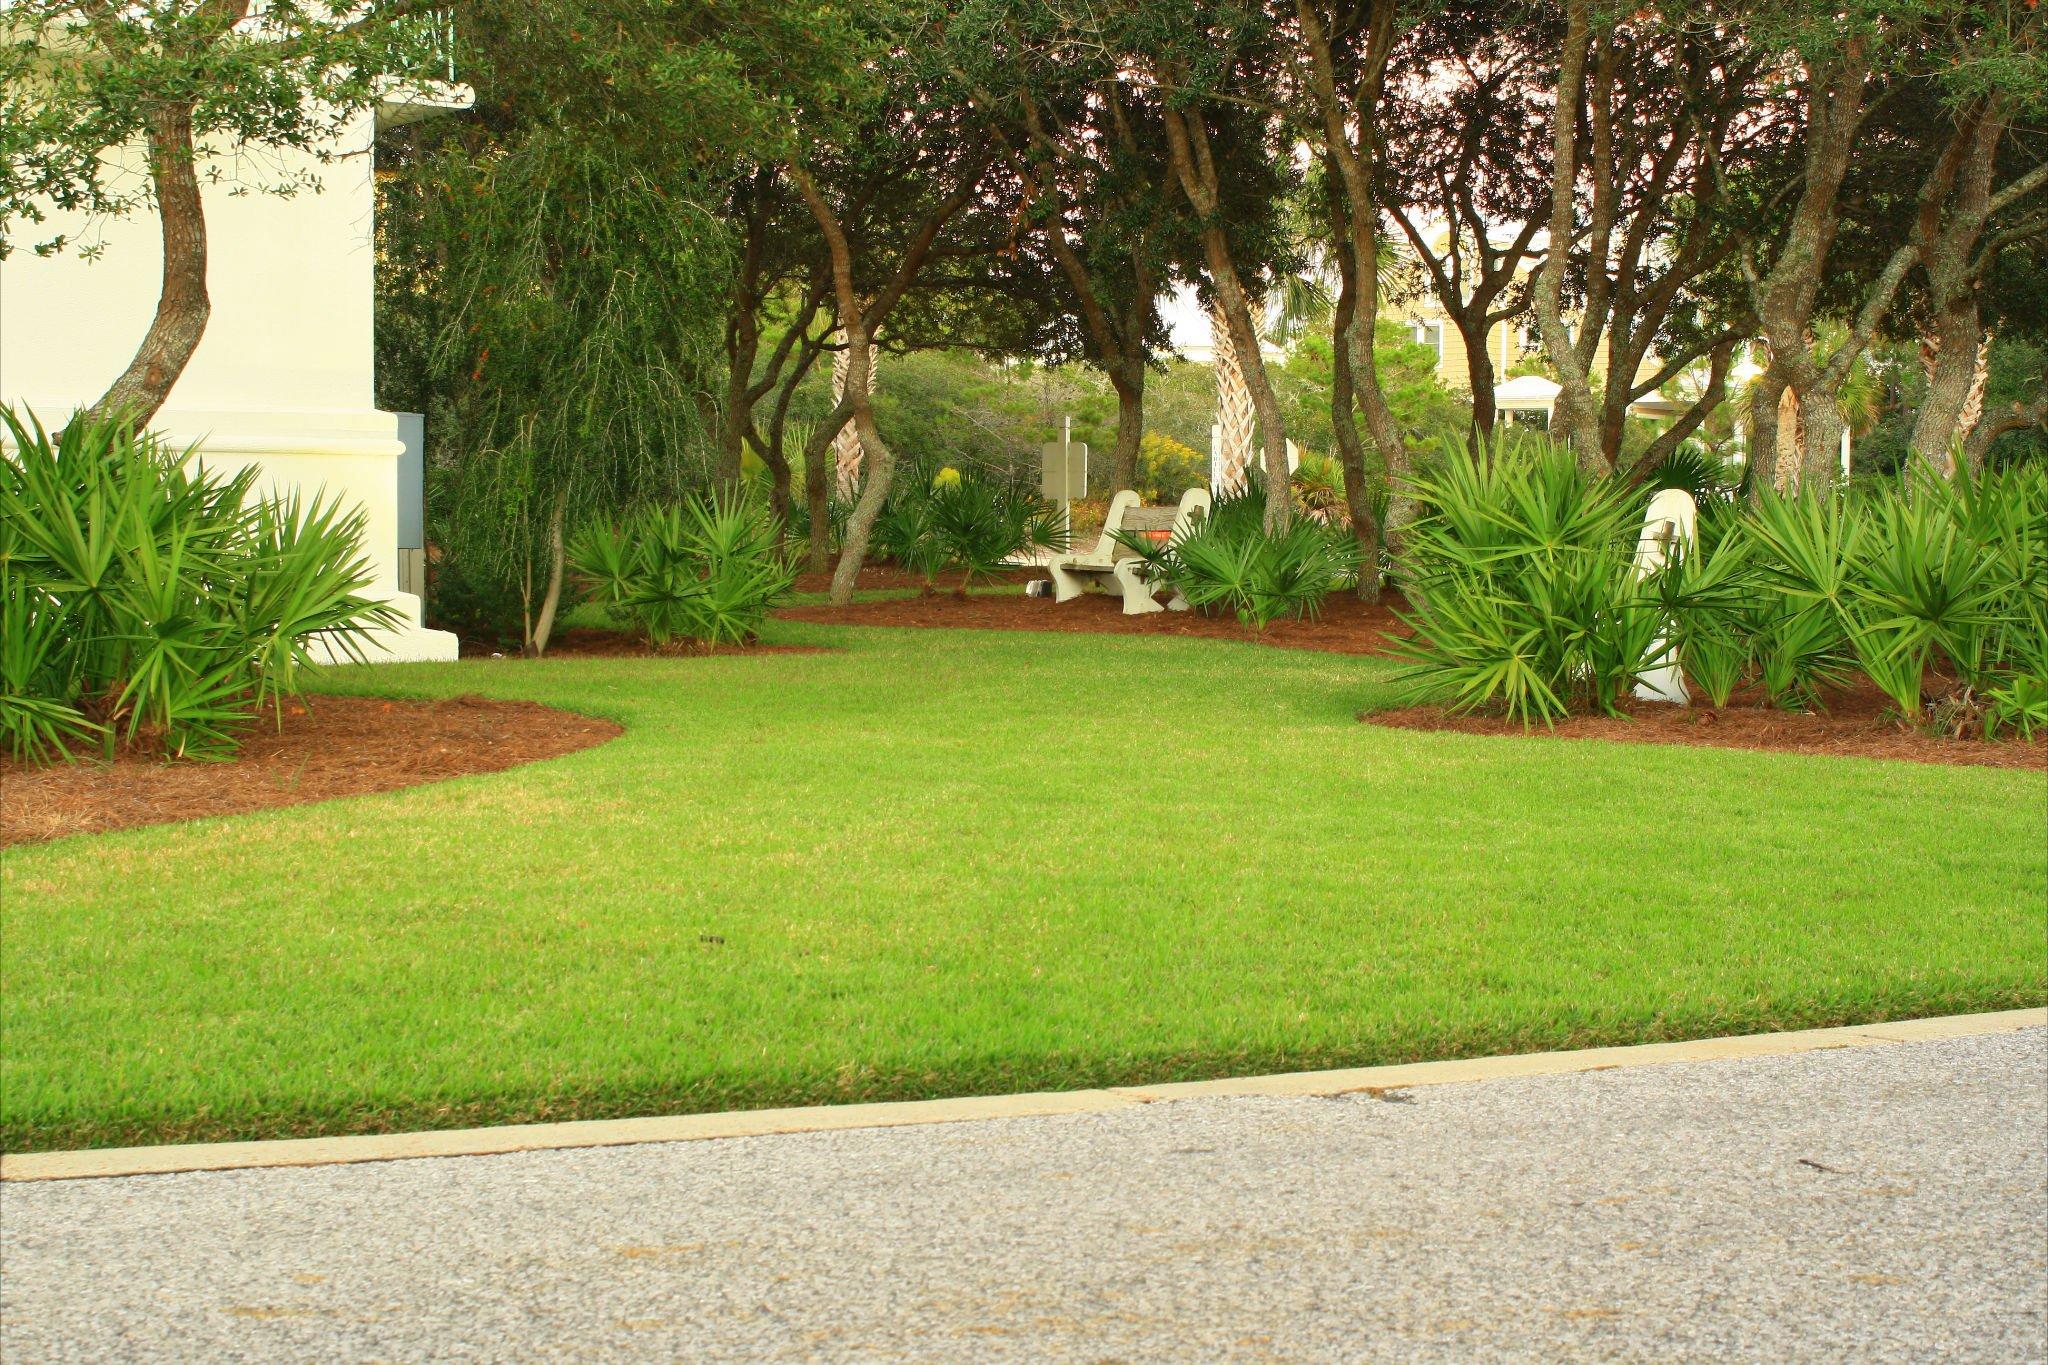 lawn fertilization services panama